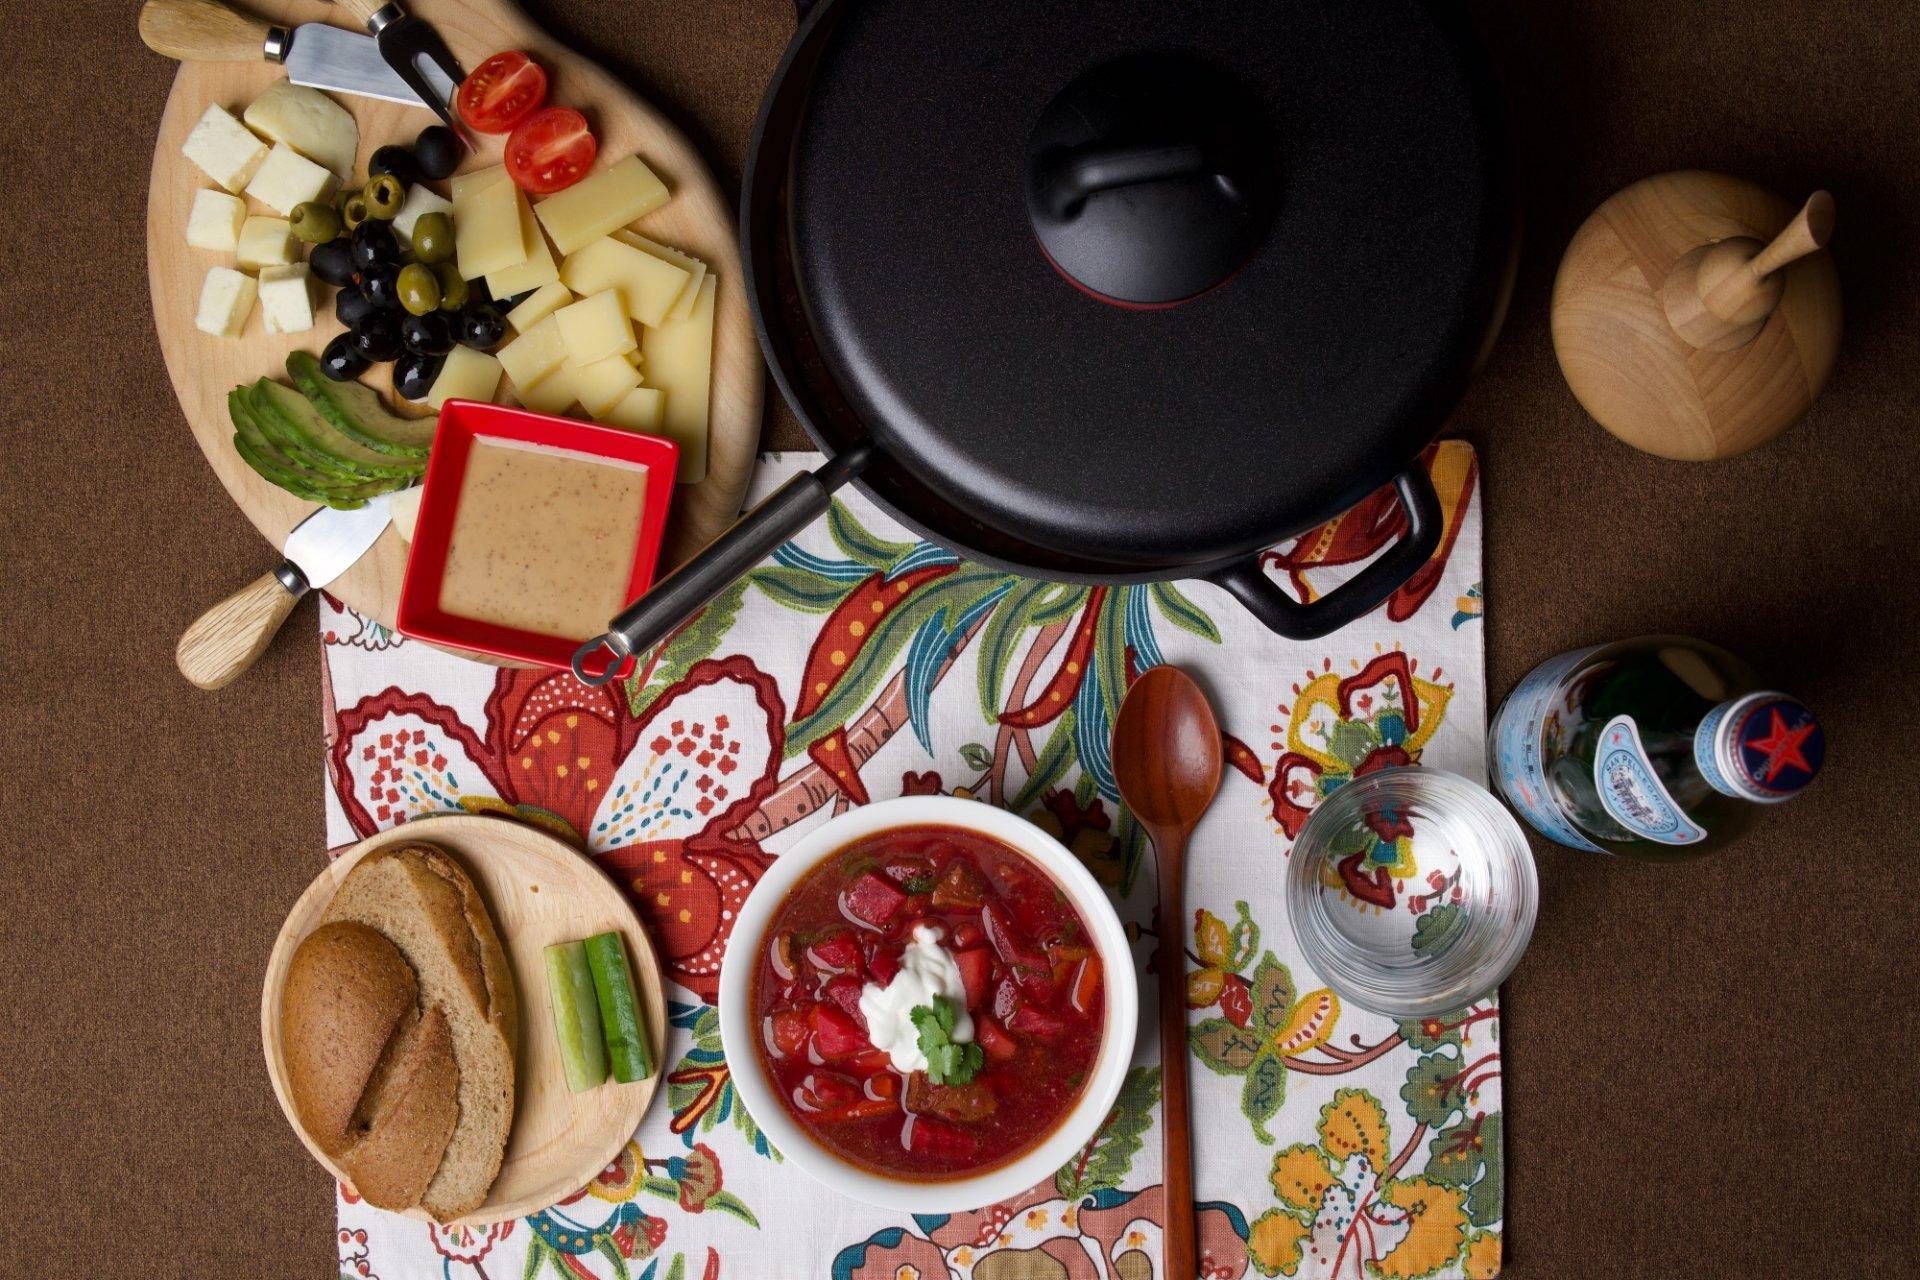 RUSSIAN STYLE RED BEET BORSCHT SOUP